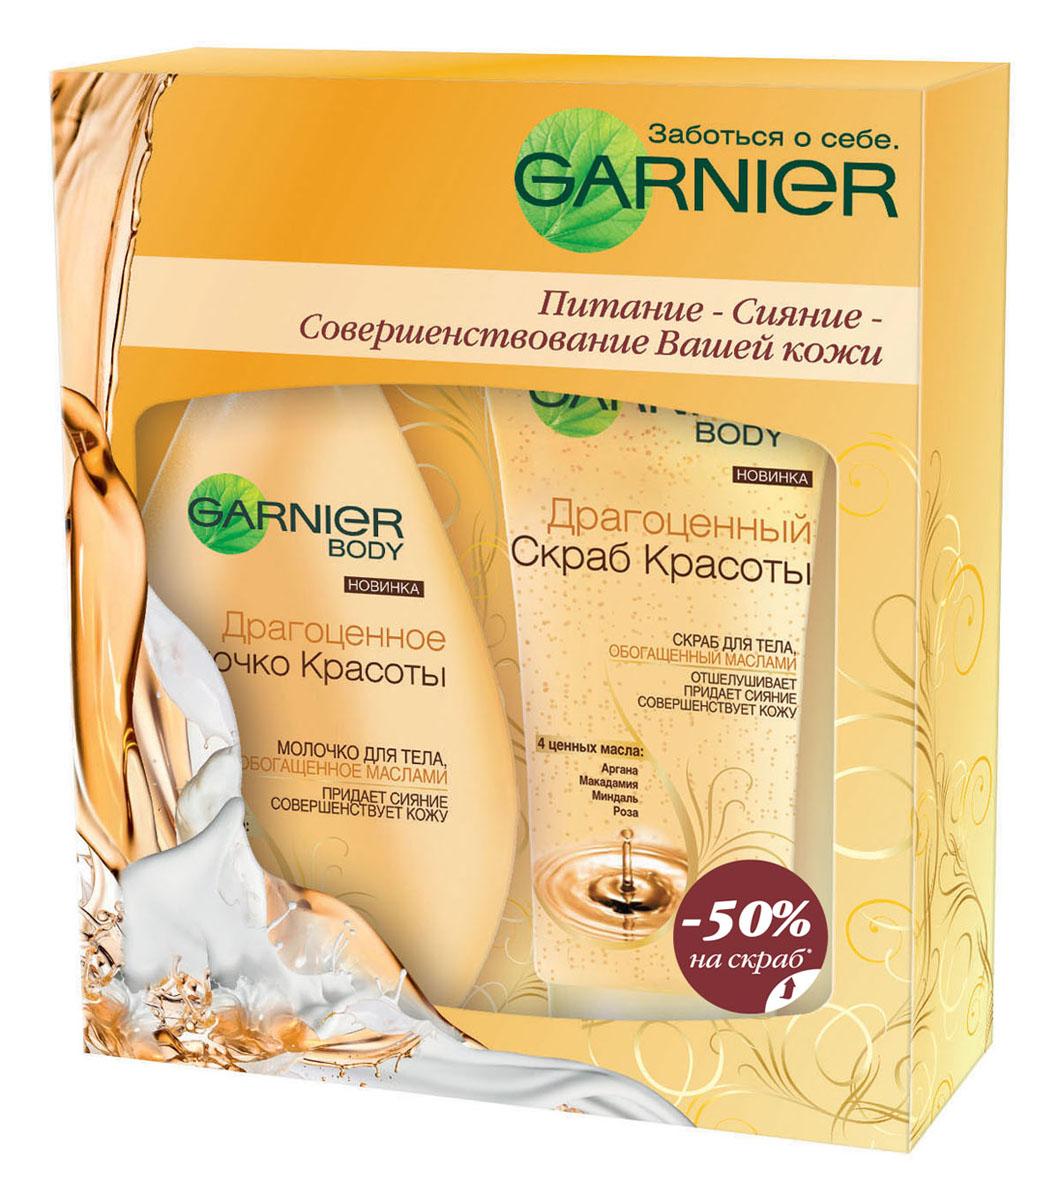 """Garnier ���������� �����: ������� ��� ���� """"����������� ������� �������"""", �����������, 250 �� + ����� ��� ���� """"����������� ����� �������"""","""